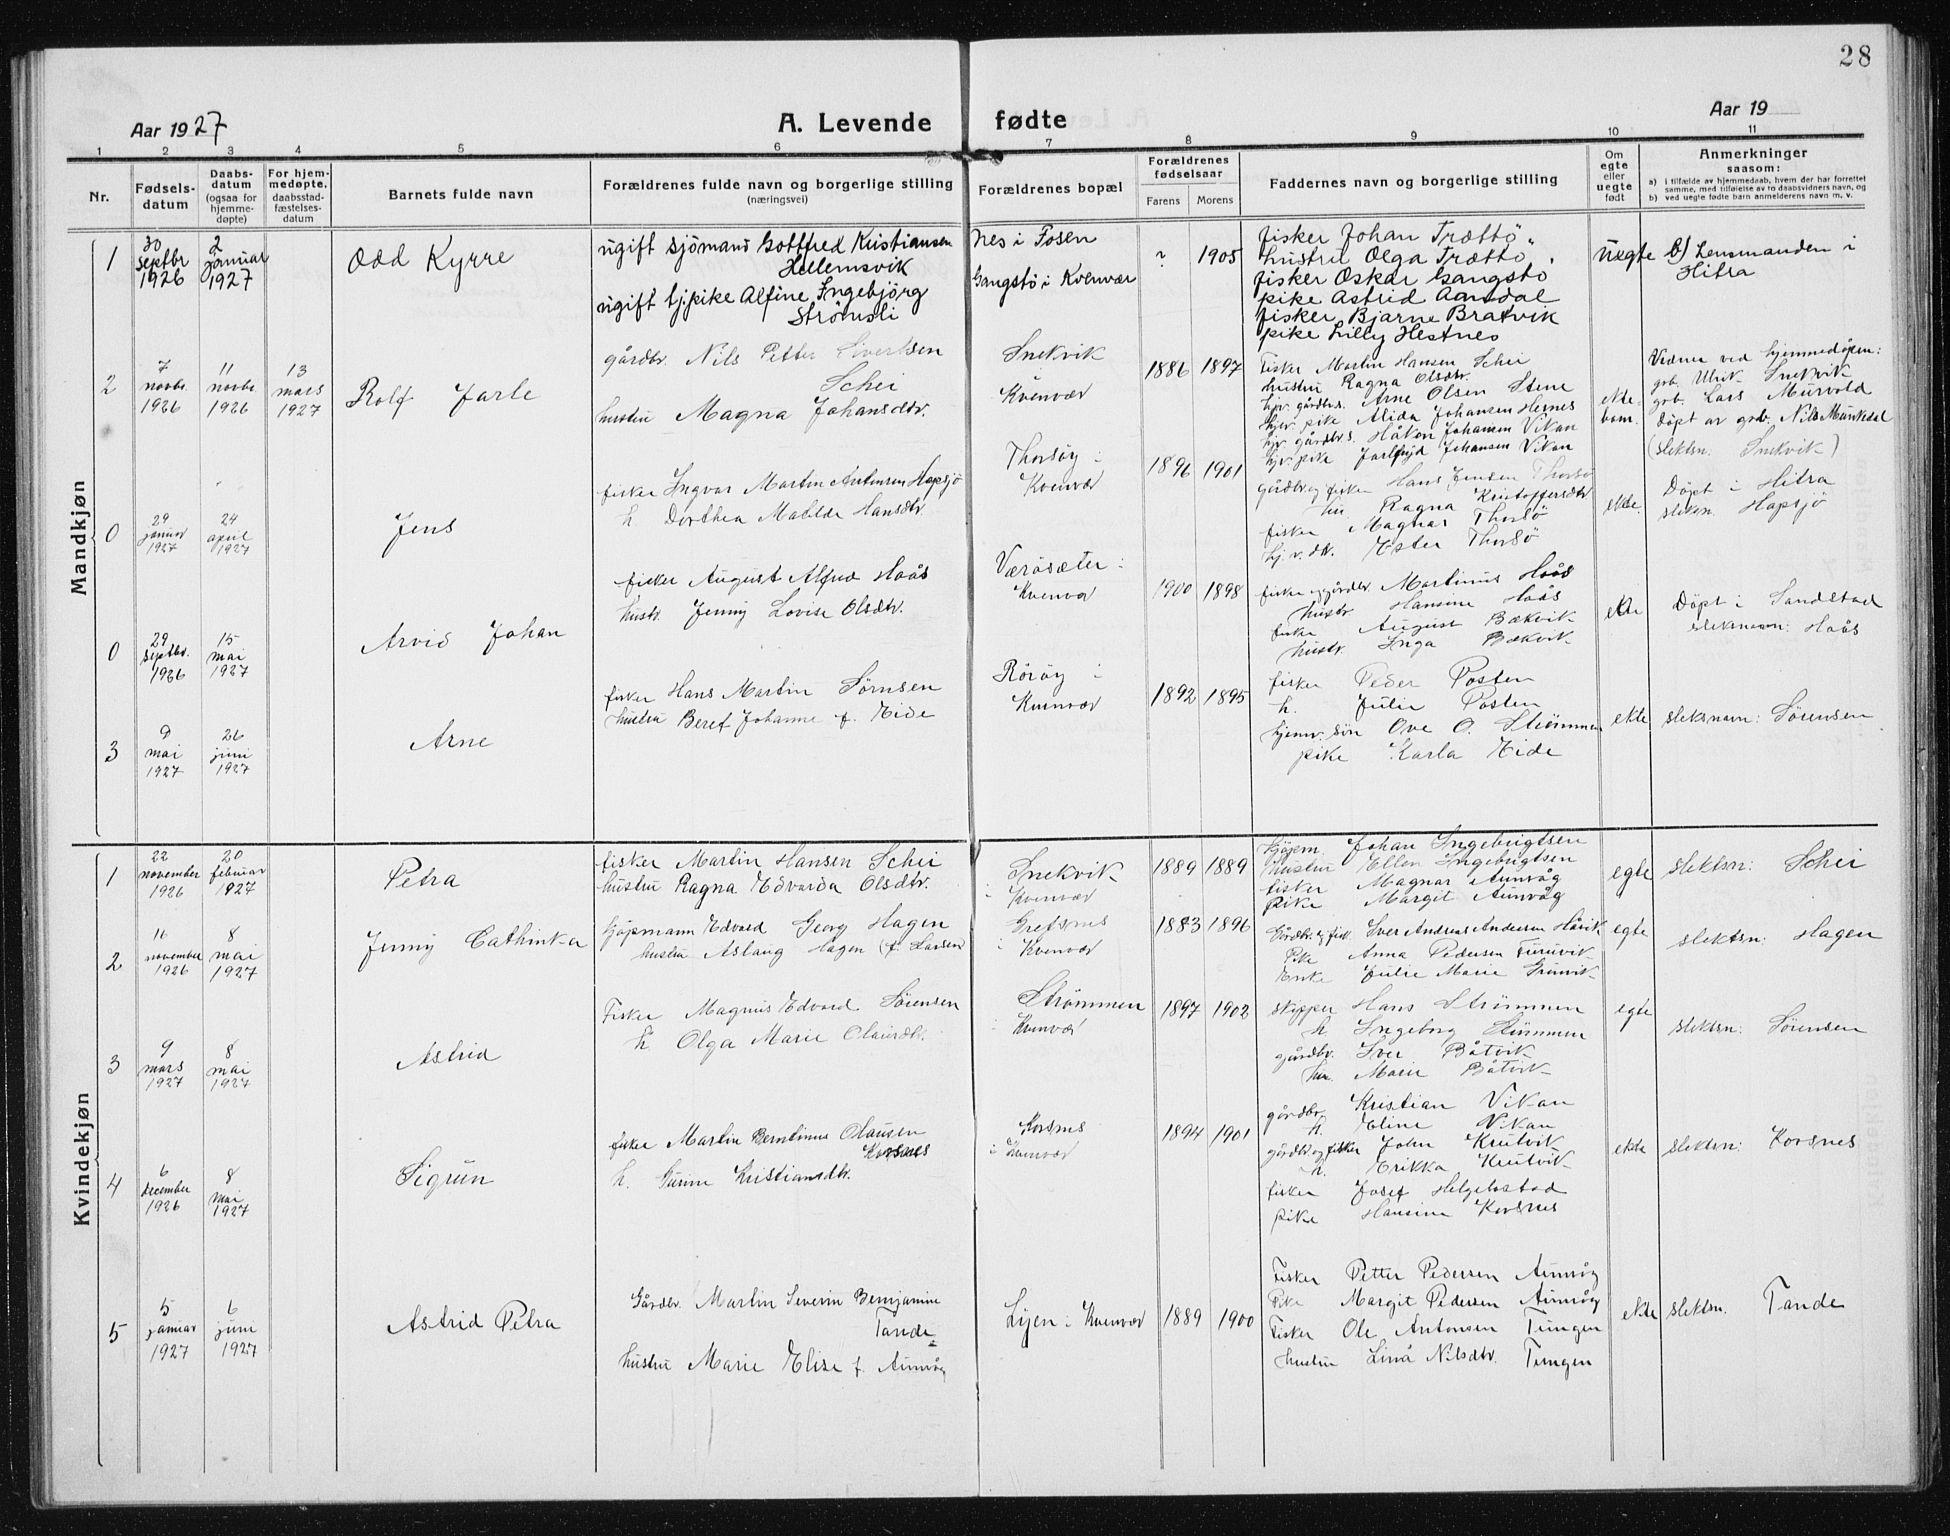 SAT, Ministerialprotokoller, klokkerbøker og fødselsregistre - Sør-Trøndelag, 635/L0554: Klokkerbok nr. 635C02, 1919-1942, s. 28